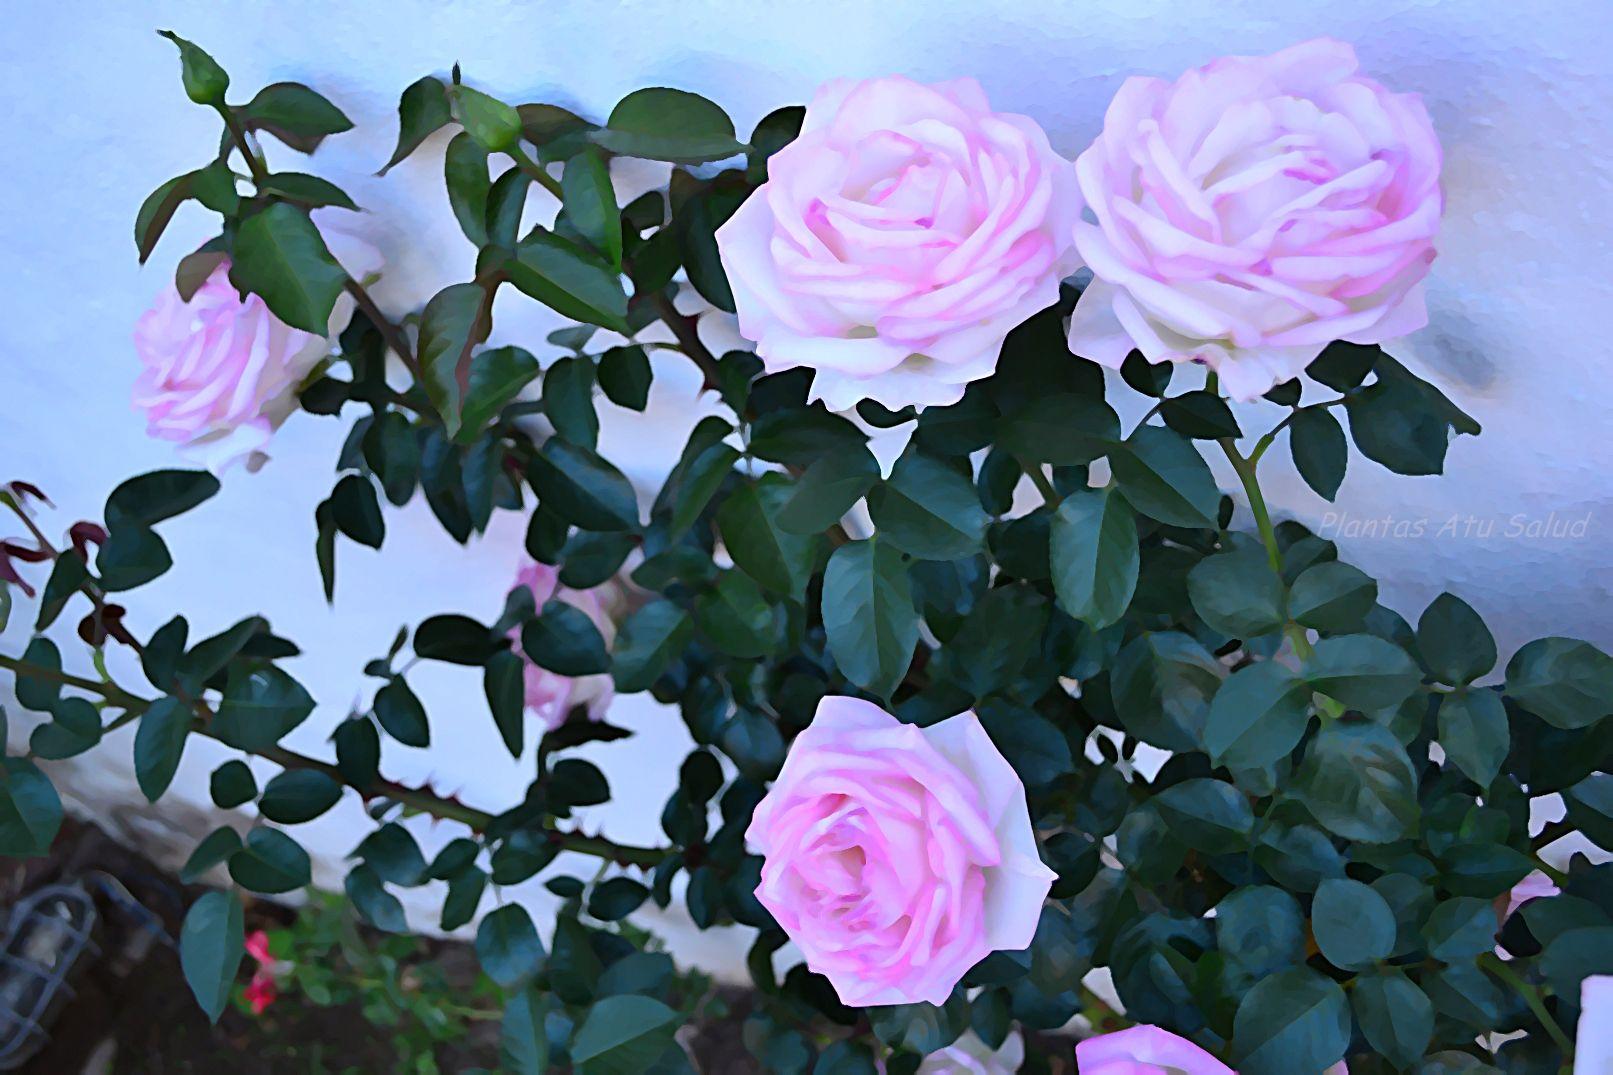 http://plantasmedicinalesatusalud.blogspot.com.ar/2015/03/consultas-de-lectores.html